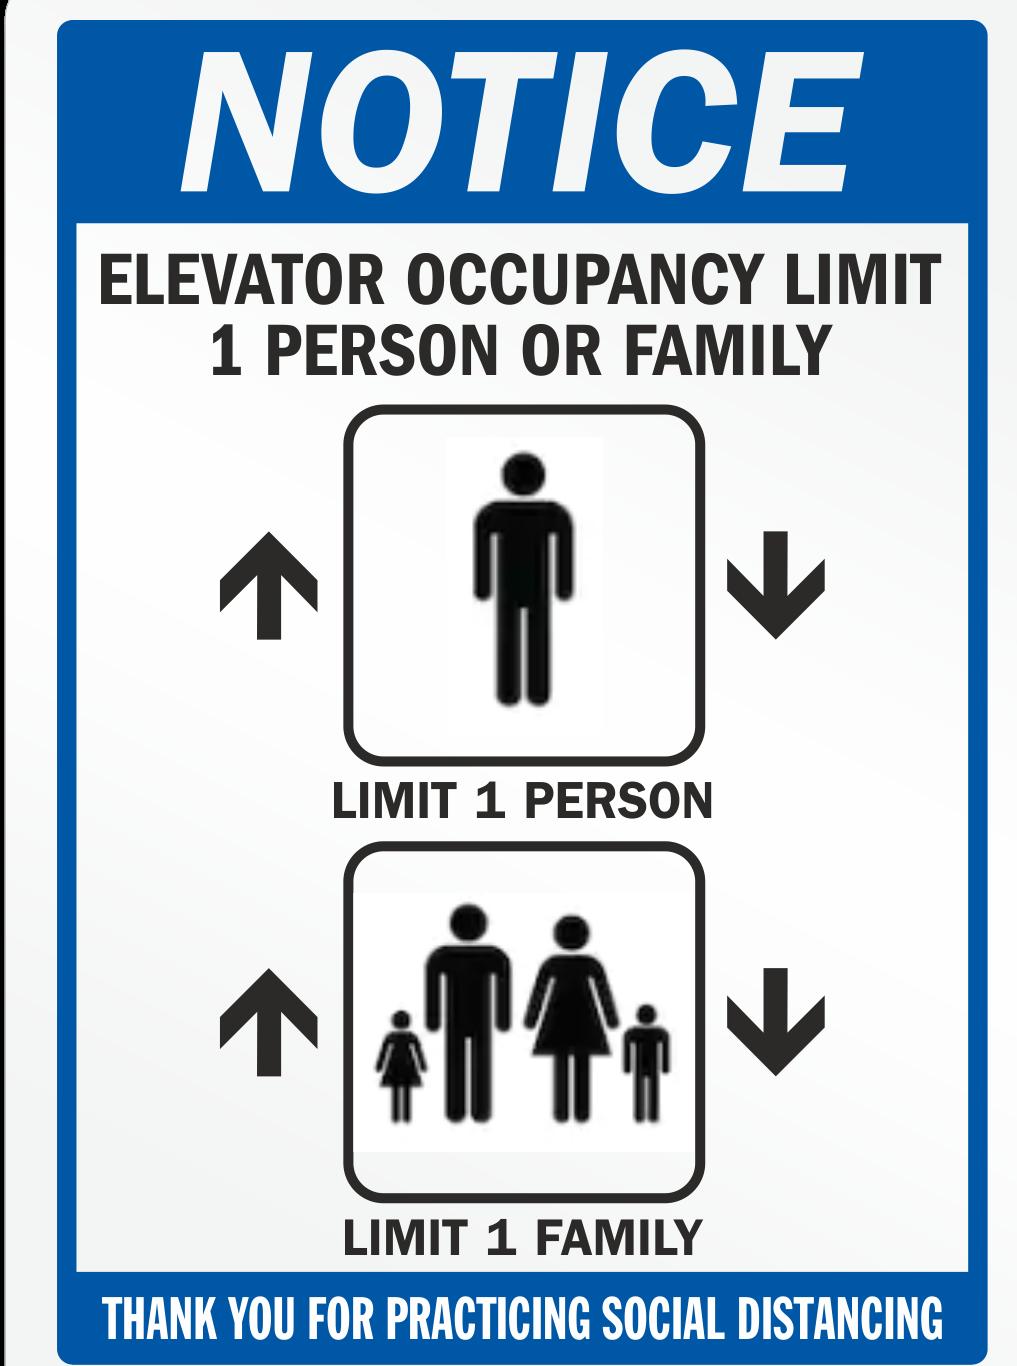 CV913 ELEVATOR CAPACITY NOTICE